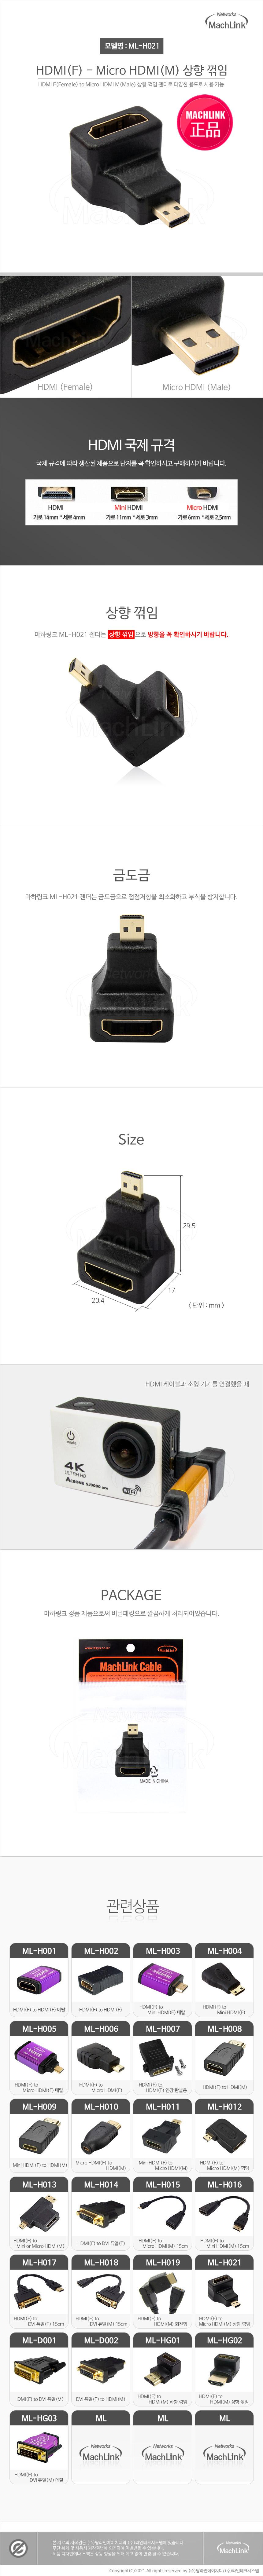 마하링크 ML-H021 HDMI to Micro HDMI 상향꺾임 젠더